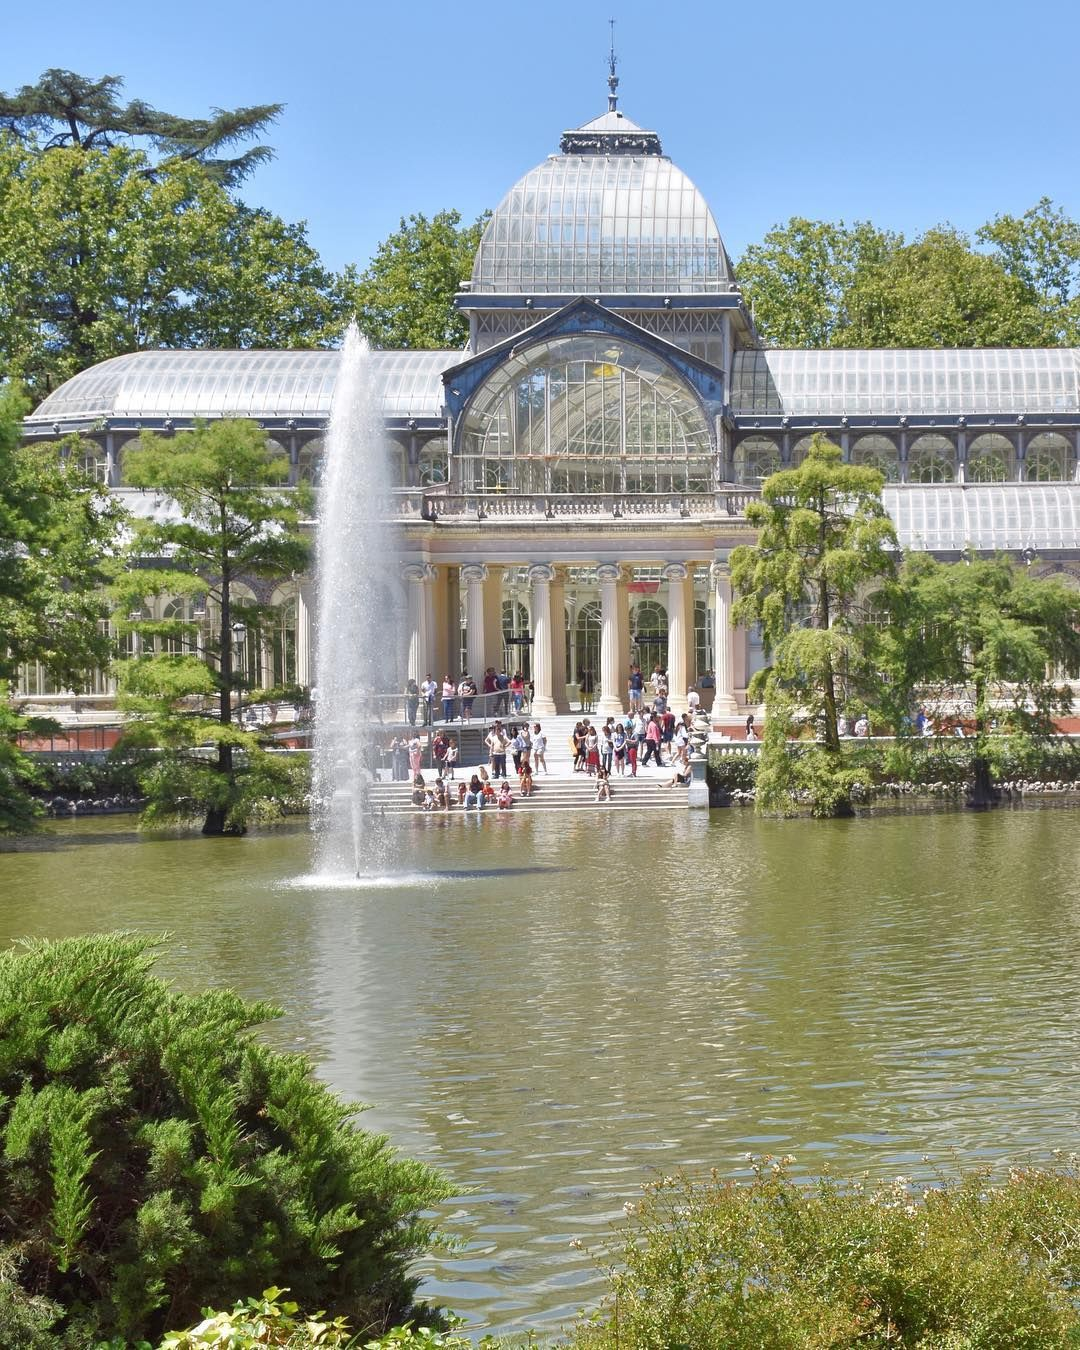 Fresca E Rilassante L Atmosfera Al Parque Del Buen Retiro Di Madrid Mentre Tutti Sonnecchiavano All Ombra Prima Di Riprendersi Mansions House Styles Taj Mahal